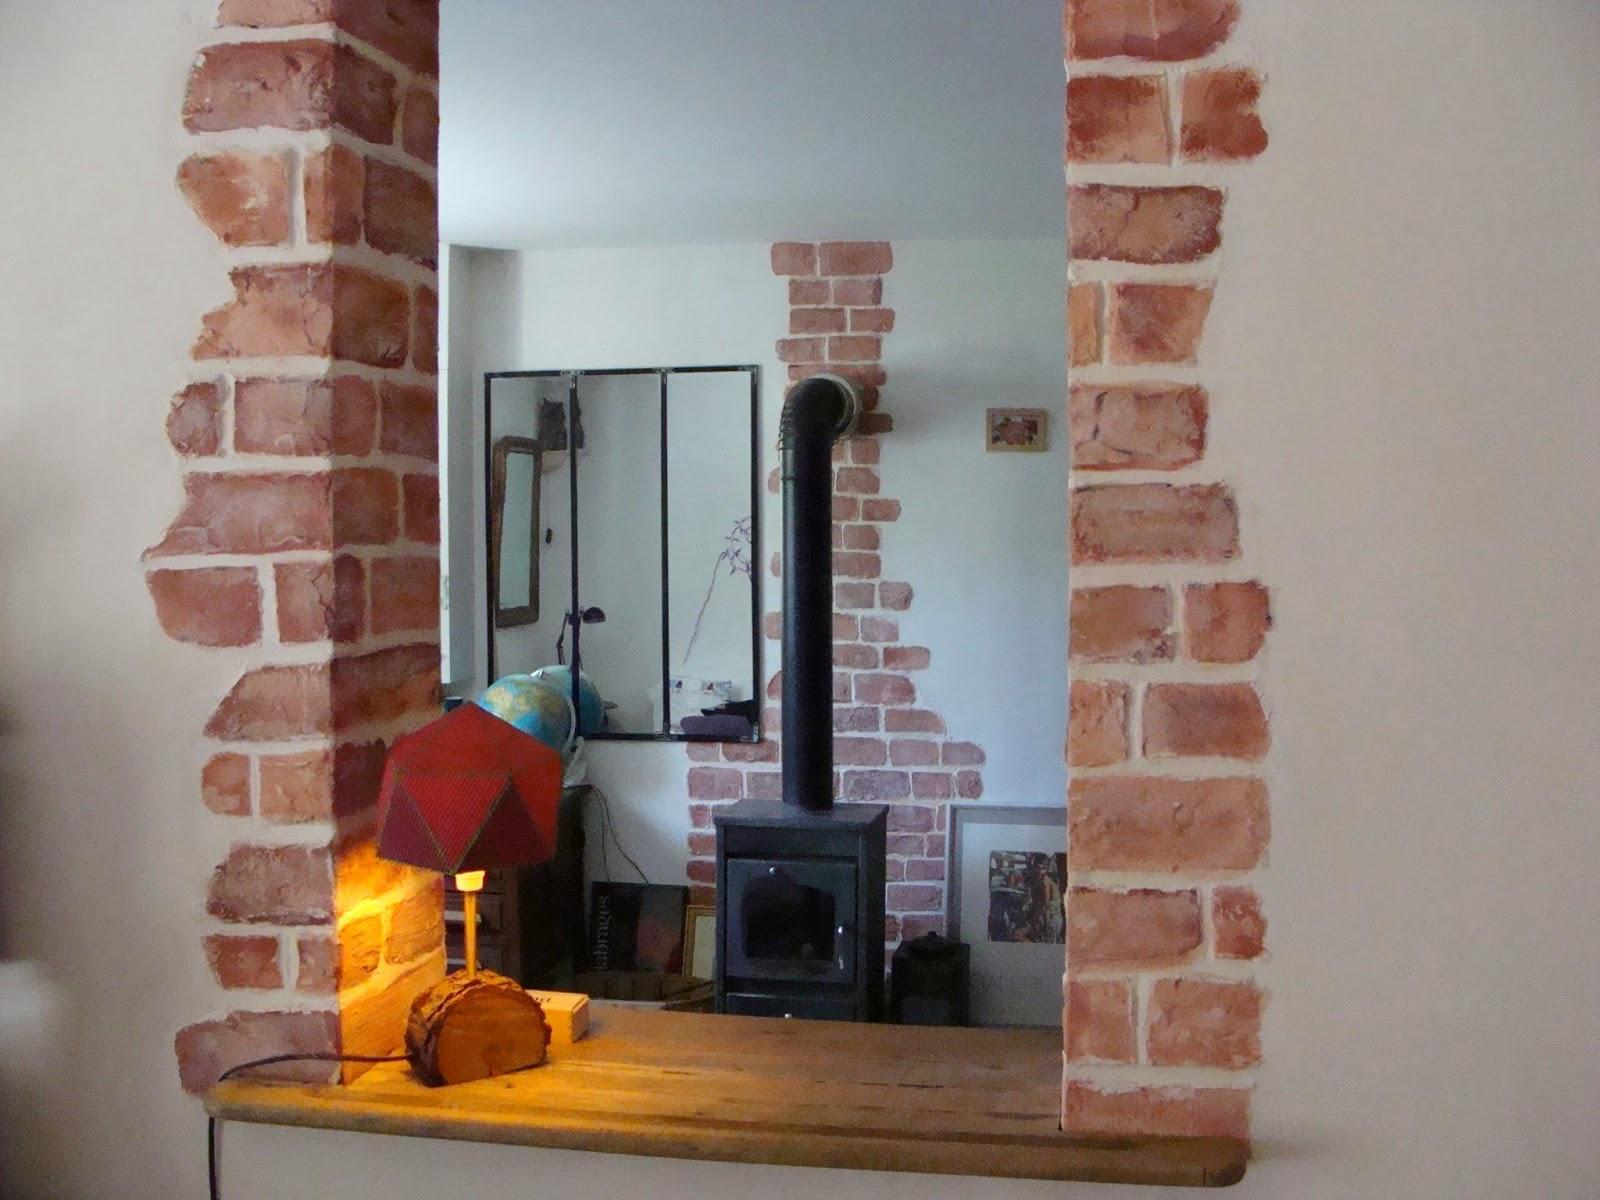 vaut mieux avoir un po le bois qu 39 tre poil dans le bois suite et fin d 39 une chaude saga. Black Bedroom Furniture Sets. Home Design Ideas